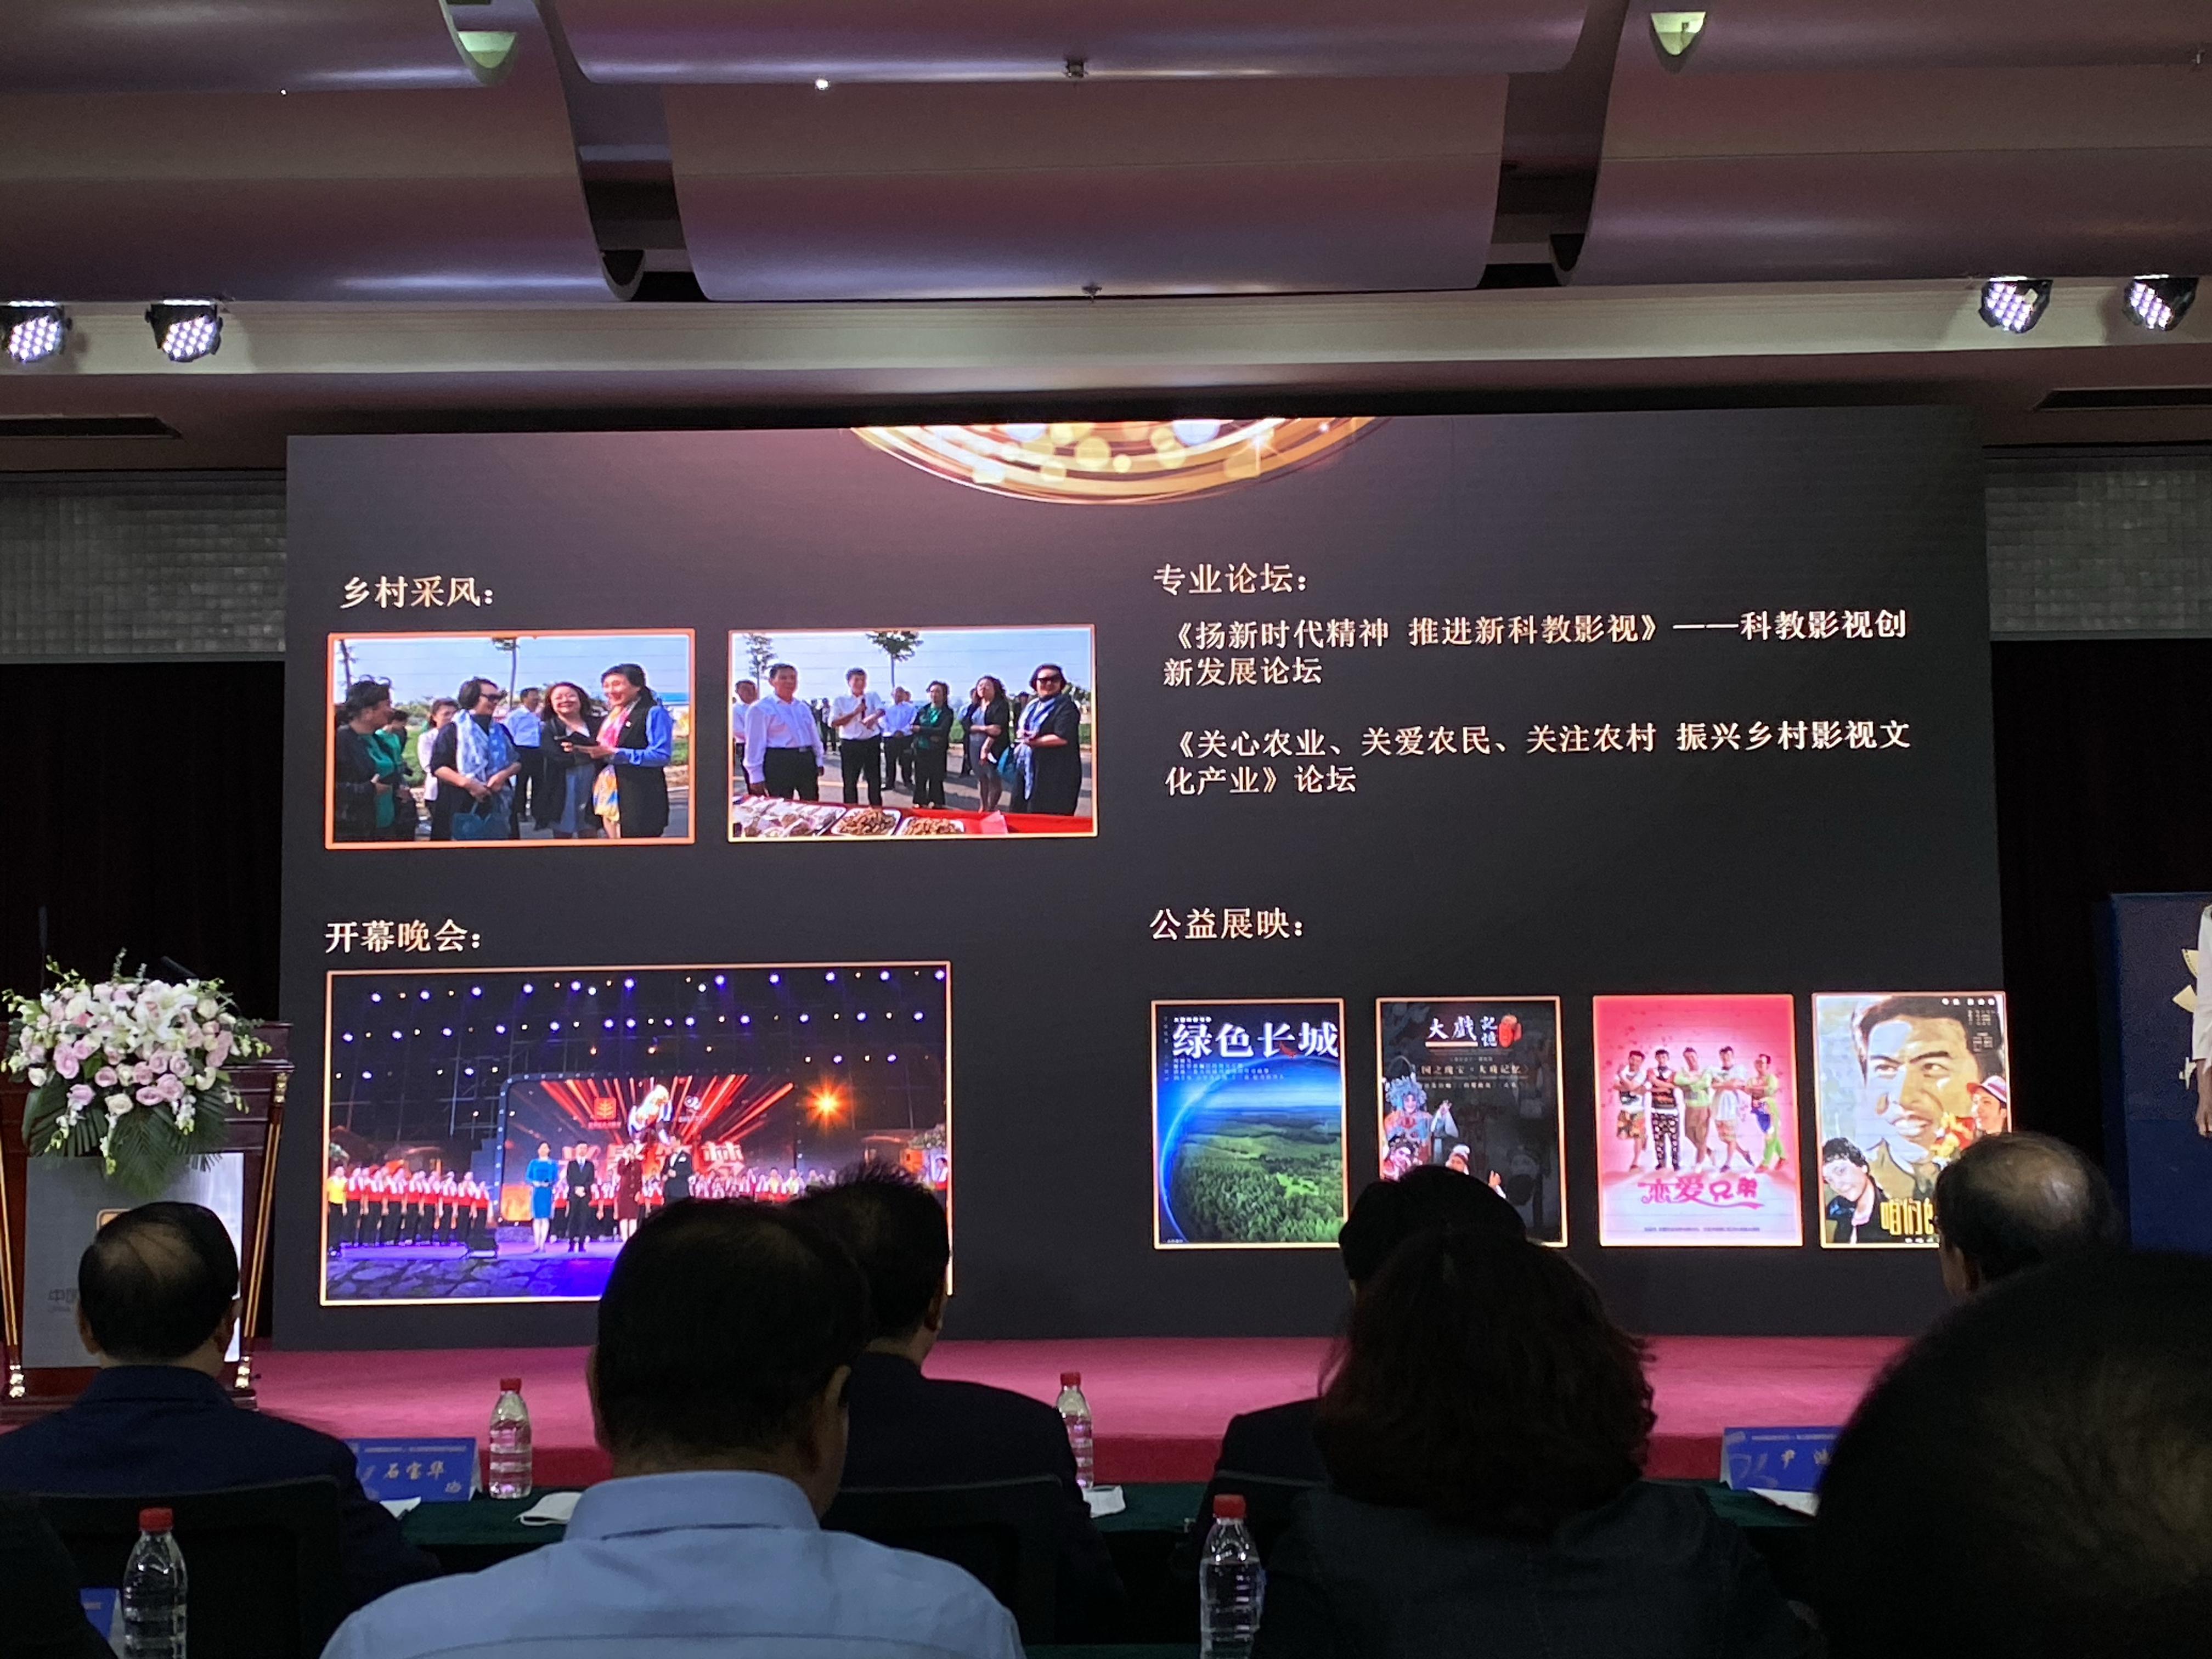 第三届中国农民电影节启幕 做好科普是重要着力点